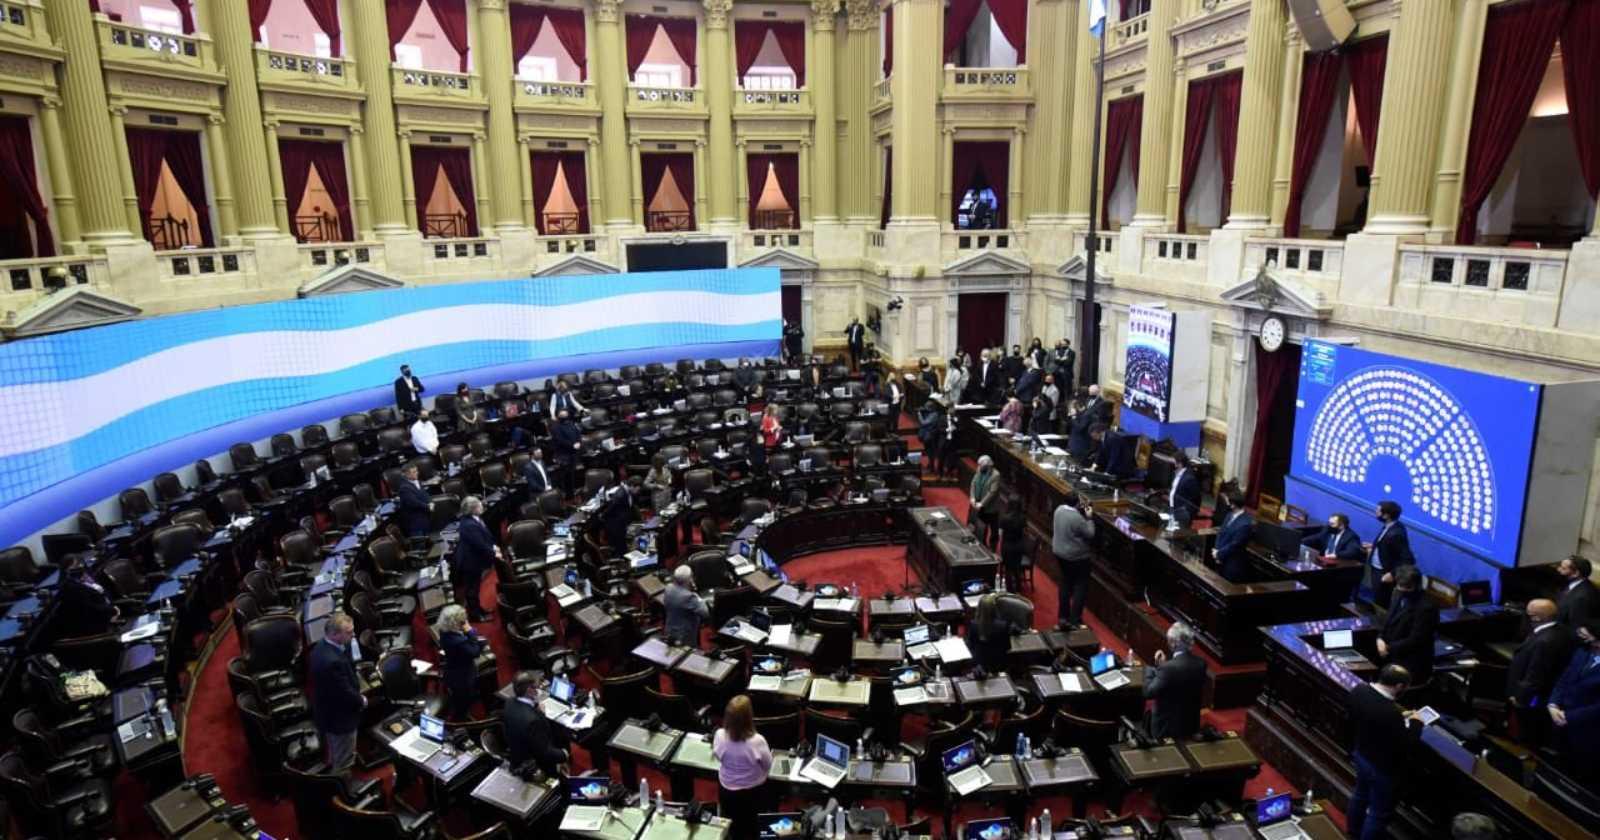 Congreso de Argentina debate la posibilidad de aplazar las elecciones por la pandemia